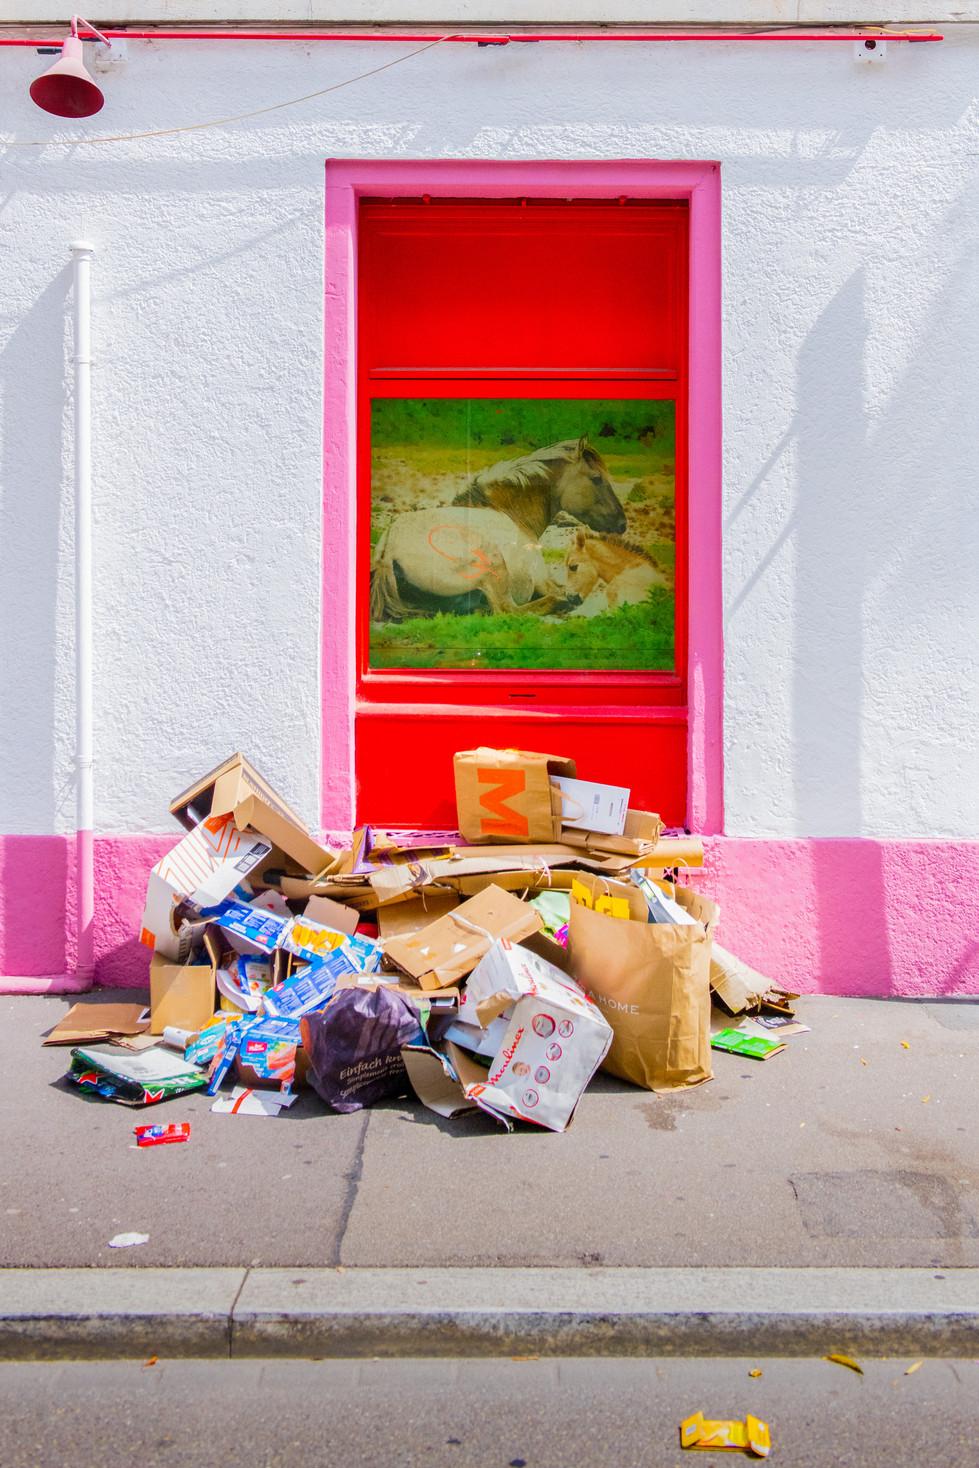 Readymade oder Kartonsammlung: Bei Migros-Säcken stellt sich ja neuerdings die Frage, ob das Kunst ist oder weg muss. Samstag, 16:04,  St. Jakobstrasse